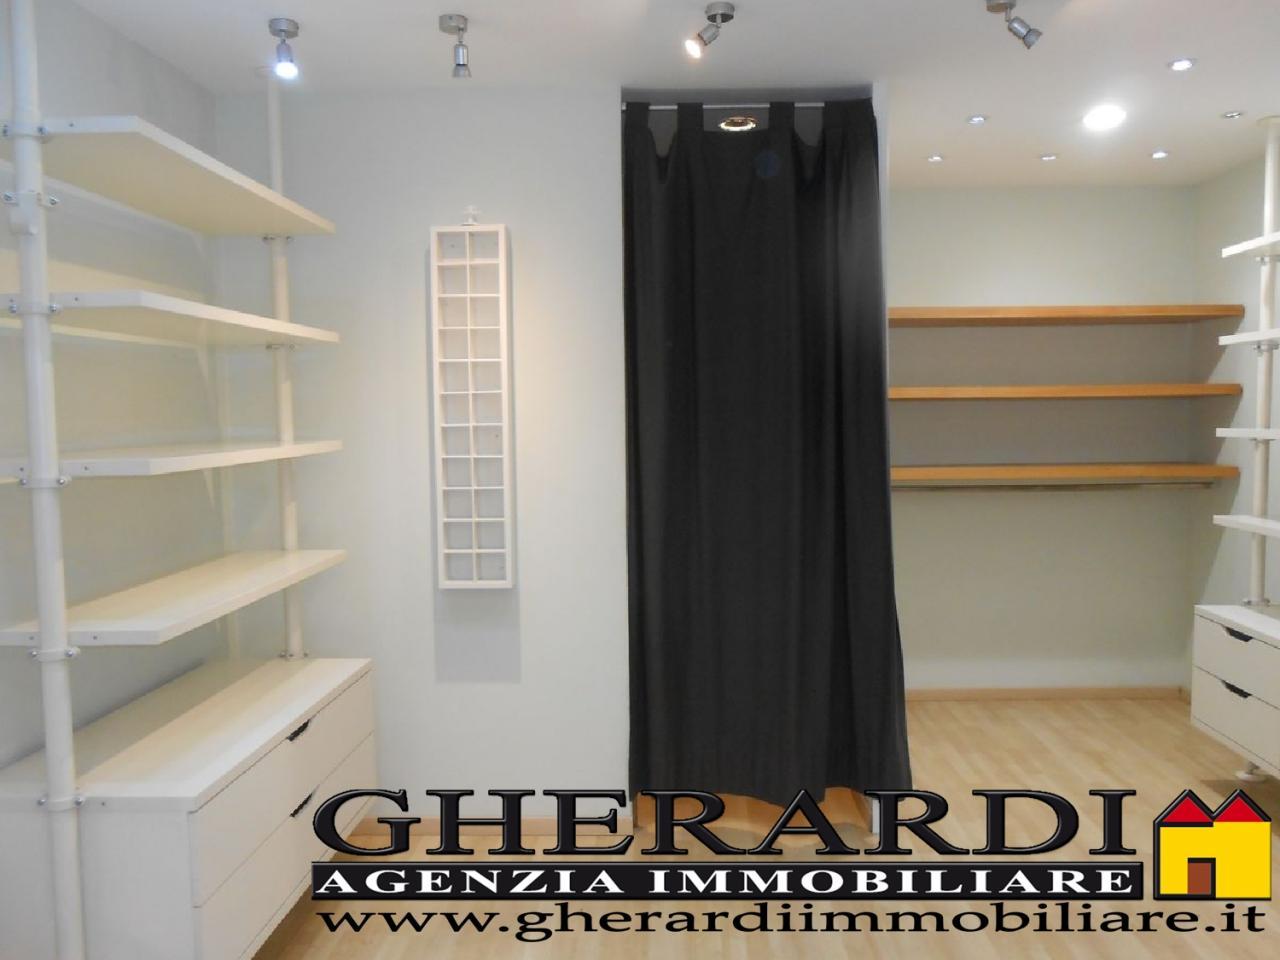 Attività / Licenza in vendita a Ferrara, 9999 locali, zona Località: EntroMura, prezzo € 25.000 | Cambio Casa.it